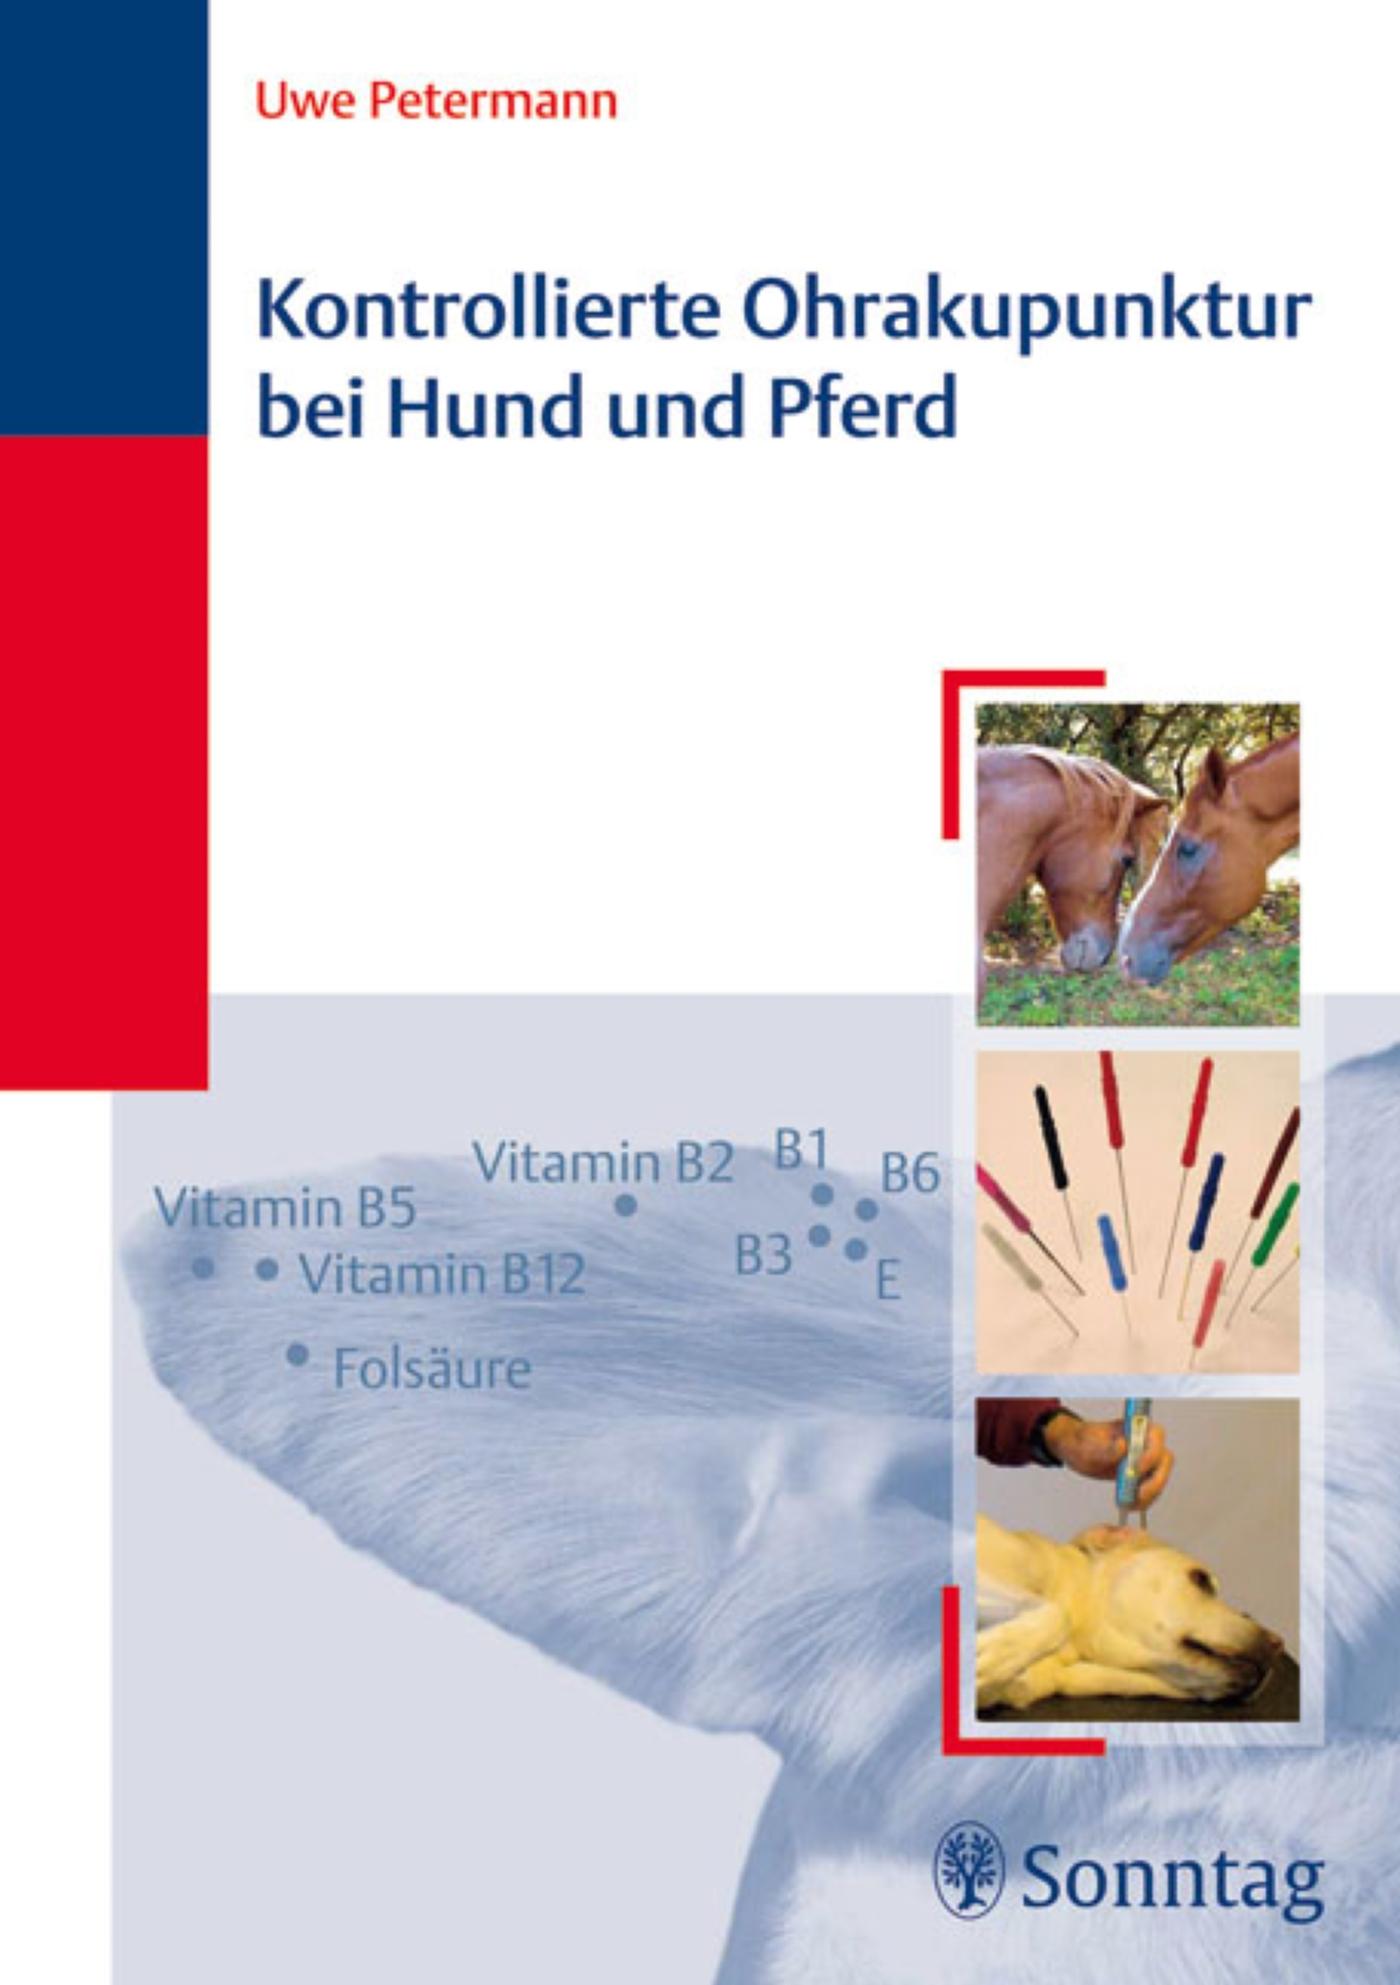 Kontrollierte Ohrakupunktur bei Hund und Pferd